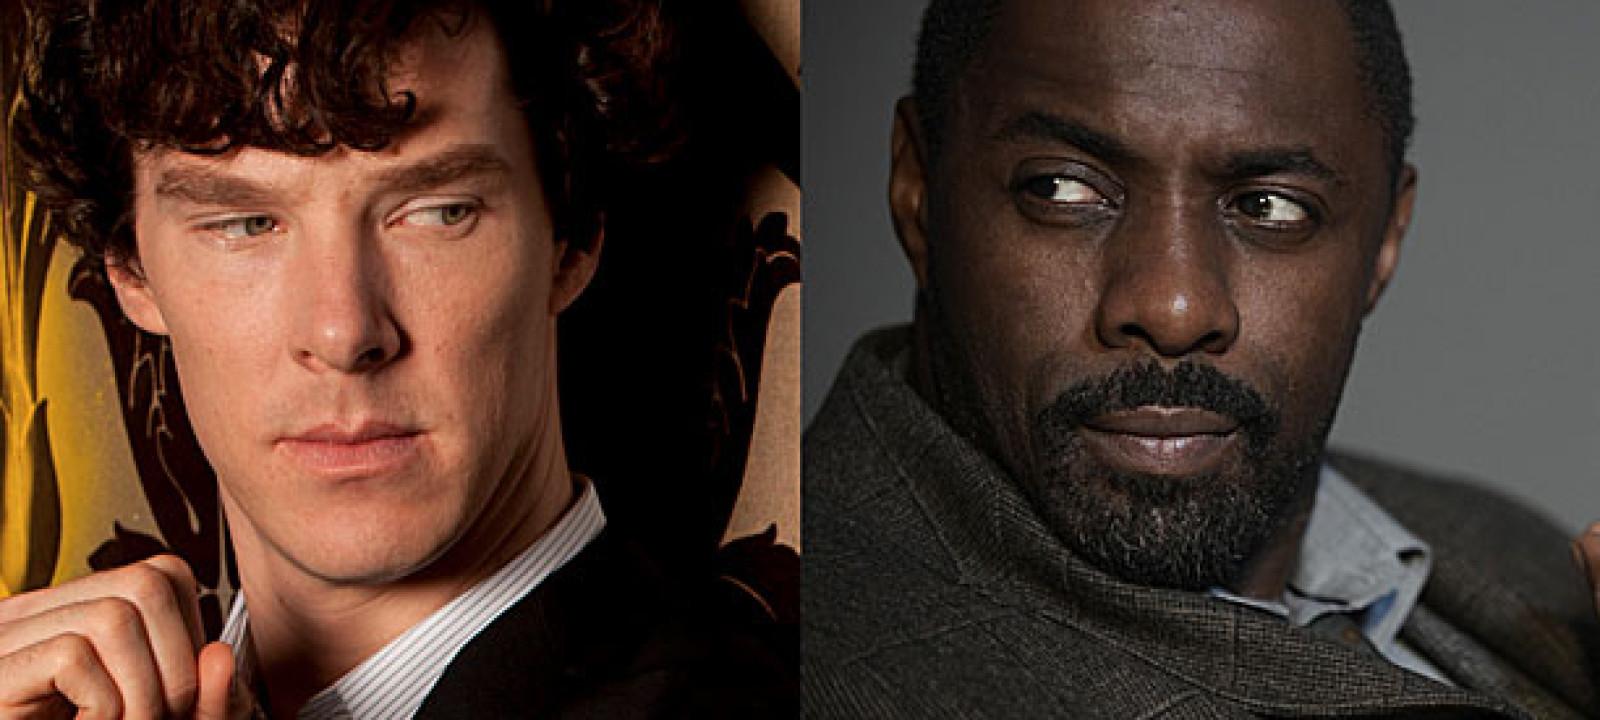 Benedict Cumberbatch and Idris Elba